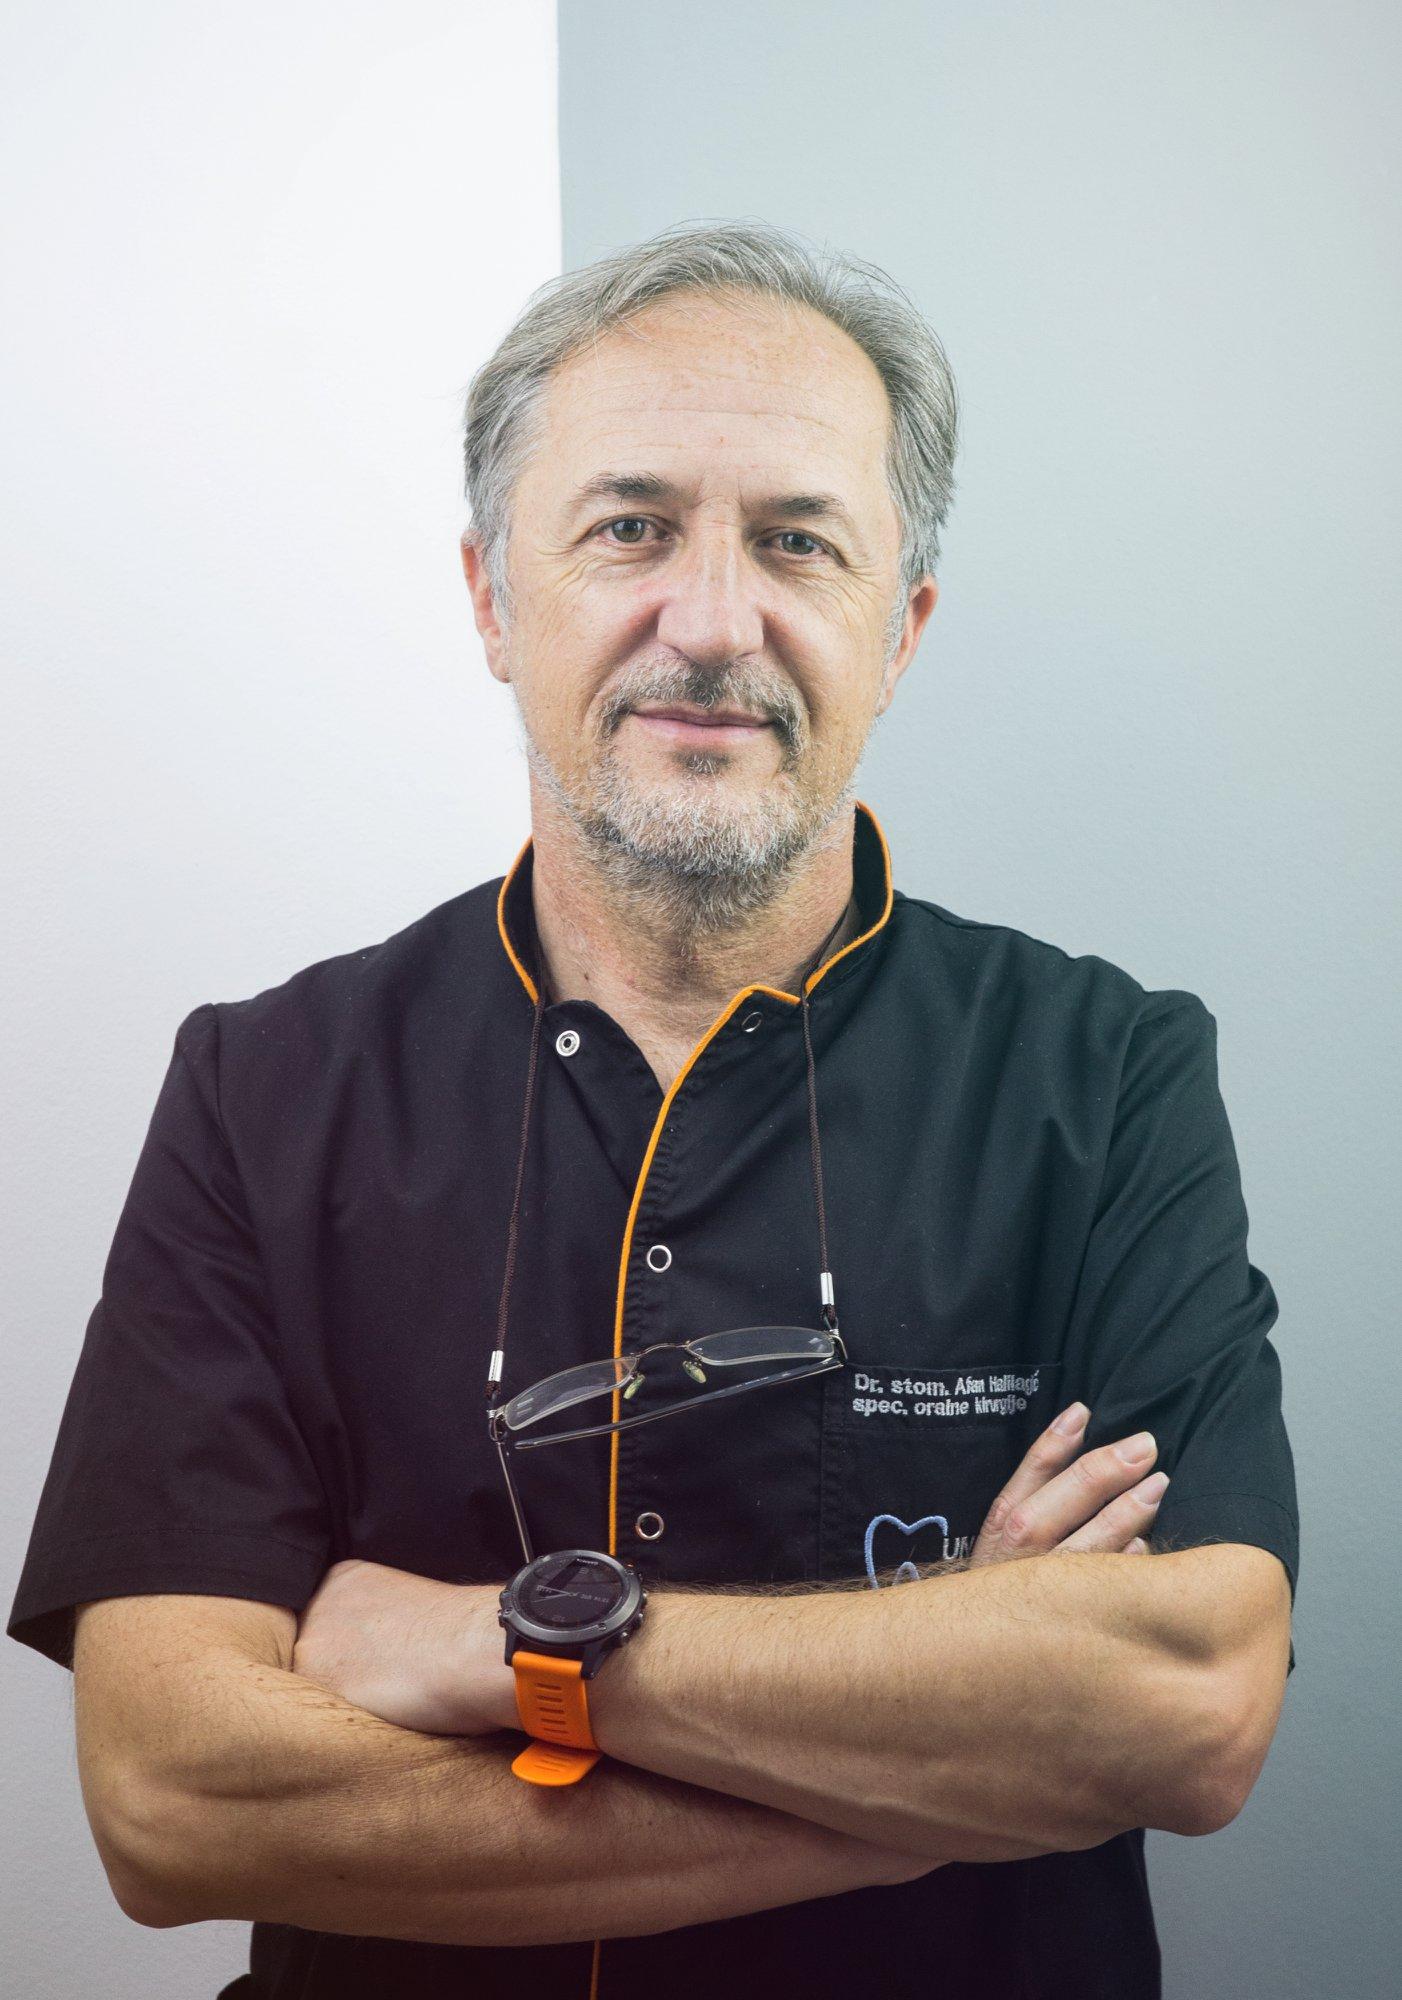 Afan Halilagić